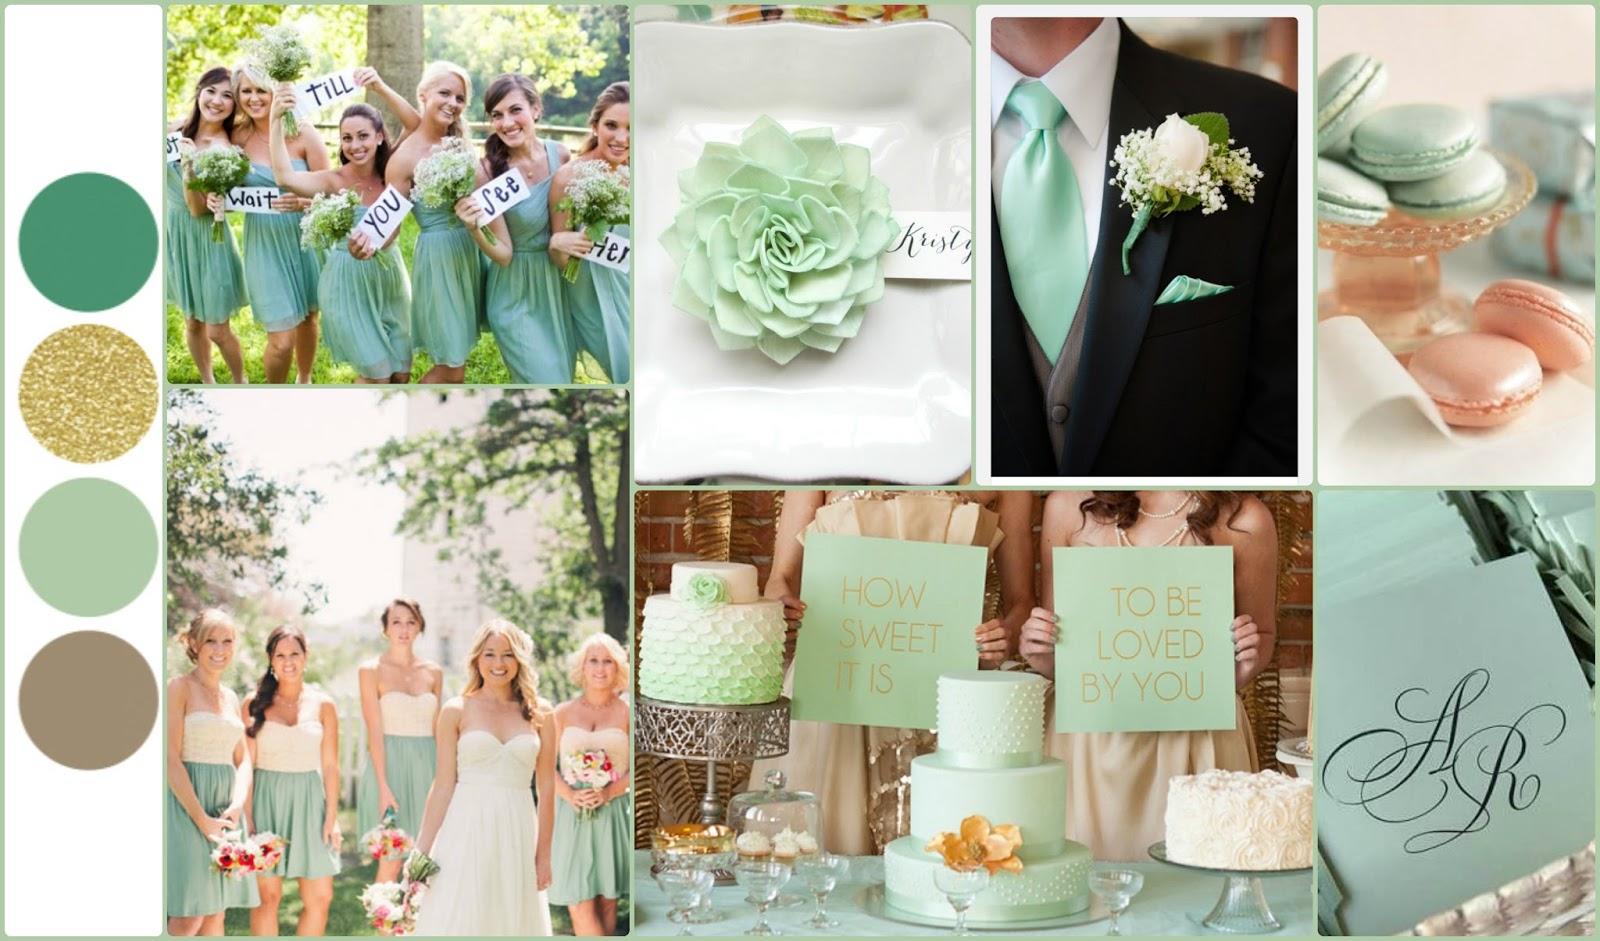 Matrimonio Oro E Azzurro : Consigli matrimonio le novità e tendenze del